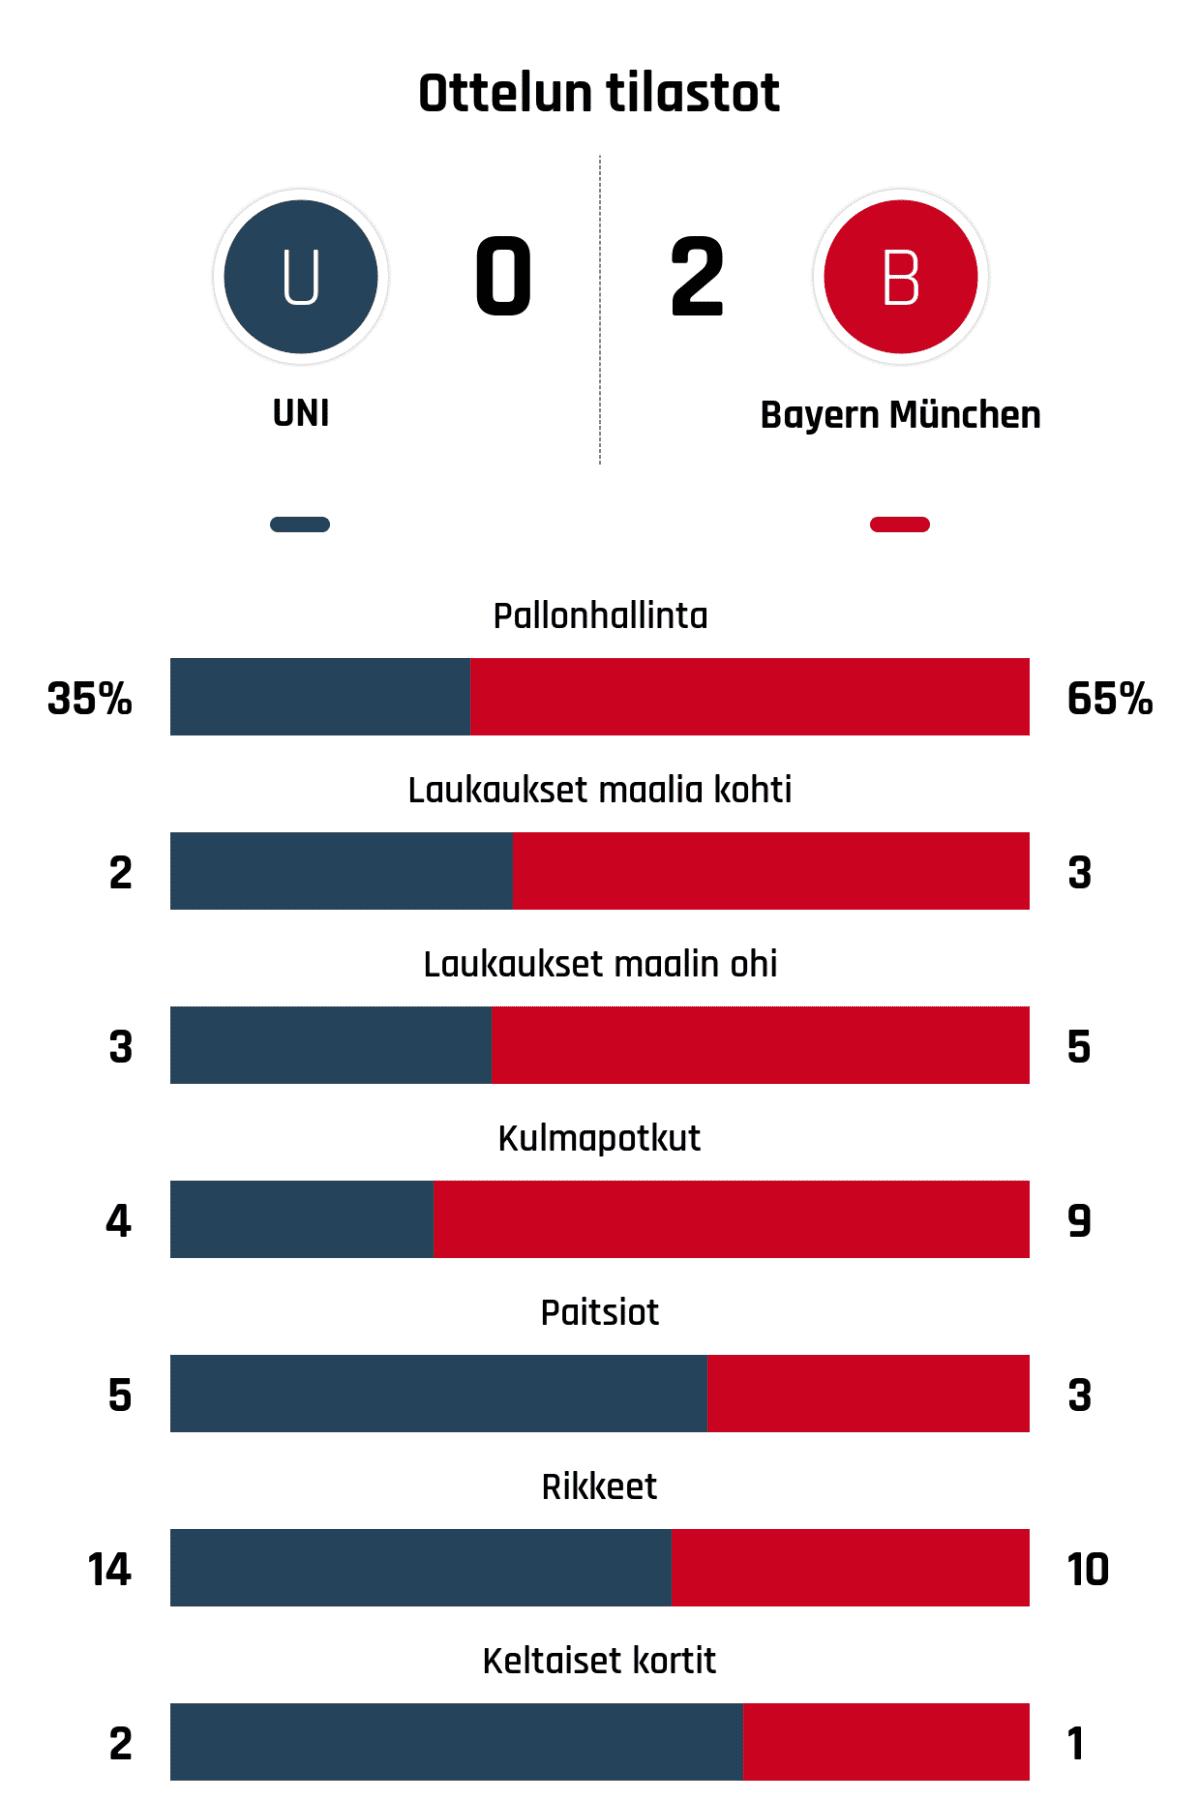 Pallonhallinta 35%-65% Laukaukset maalia kohti 2-3 Laukaukset maalin ohi 3-5 Kulmapotkut 4-9 Paitsiot 5-3 Rikkeet 14-10 Keltaiset kortit 2-1